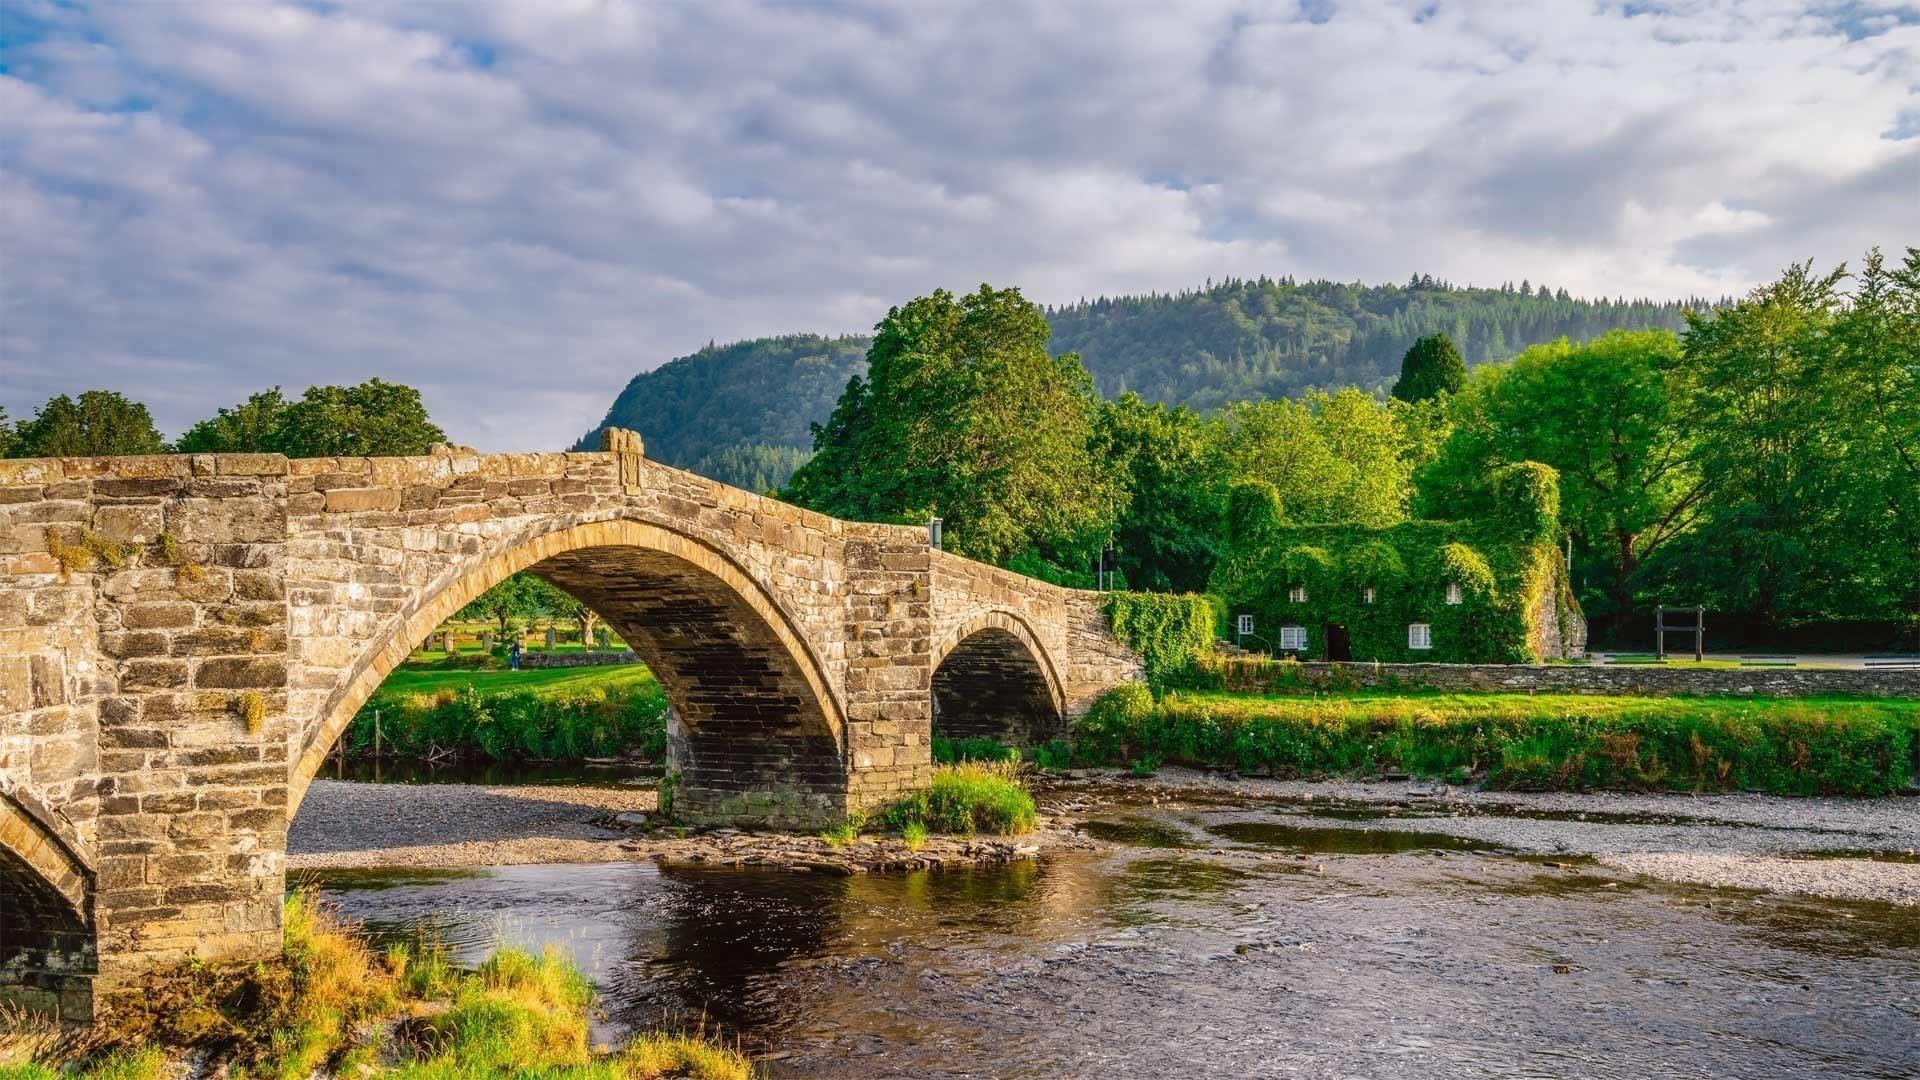 Рукотворный мост под озером между зелеными деревьями в дневное время природа обои скачать